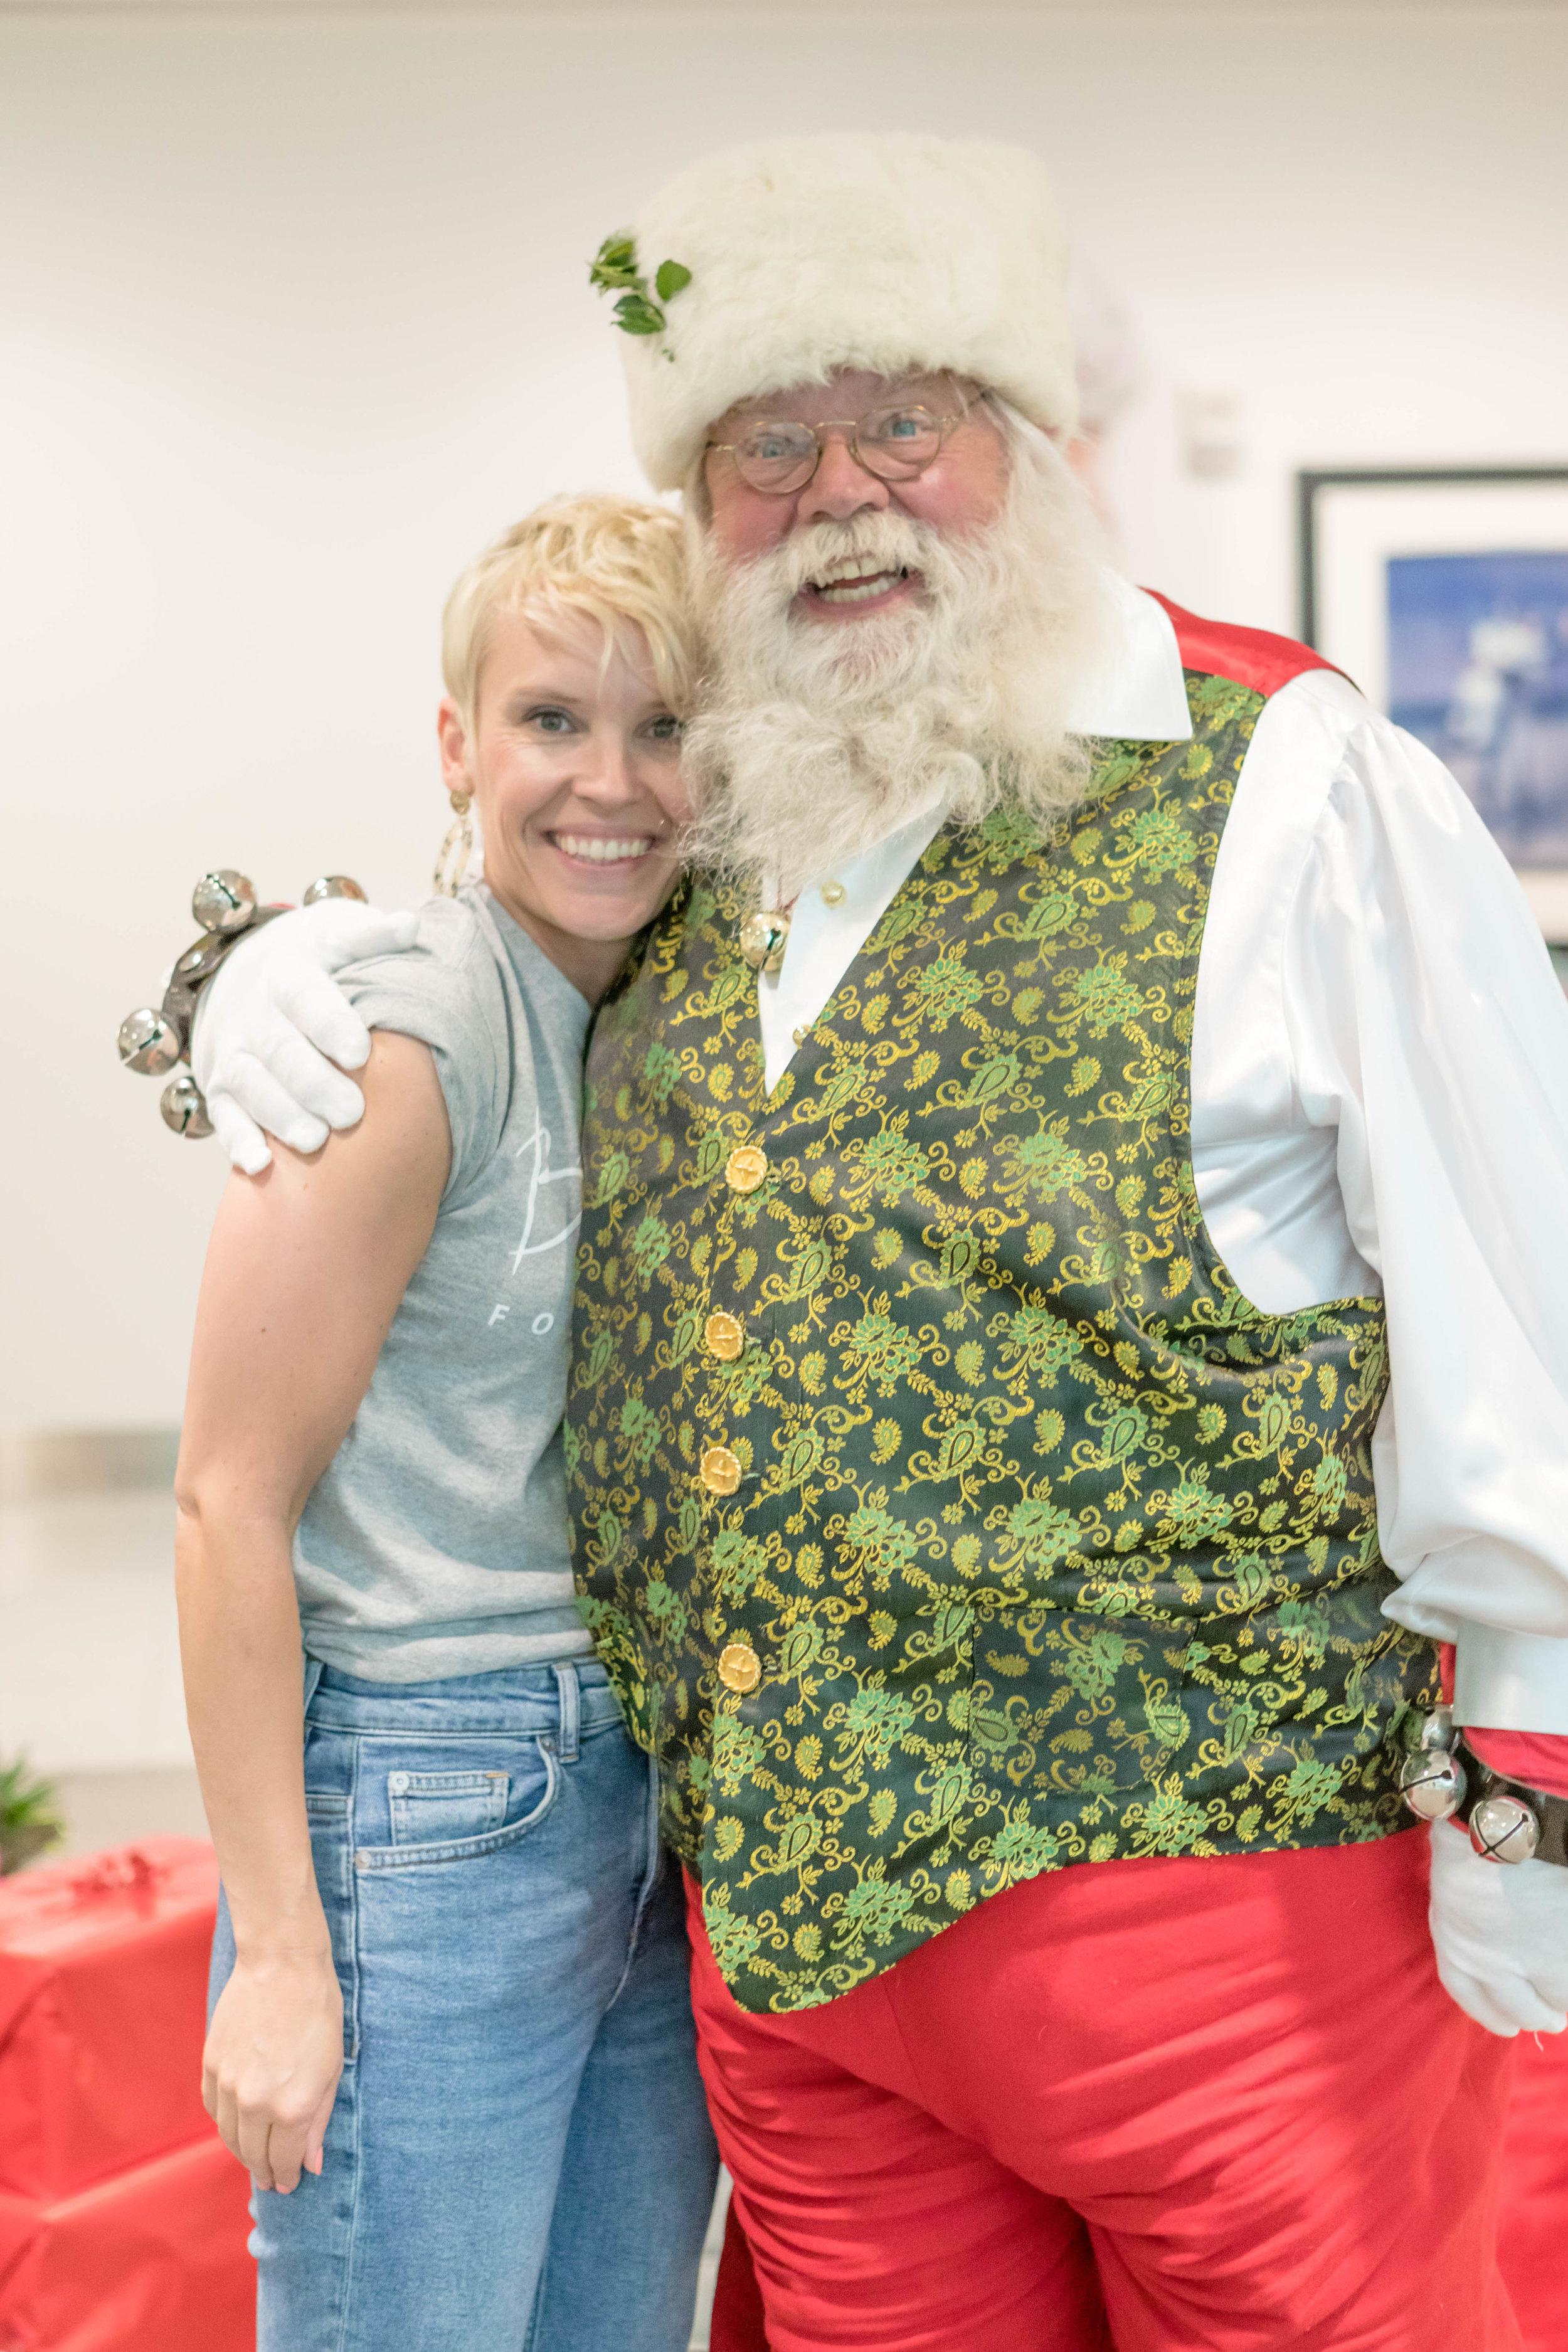 Sara &  Santa .